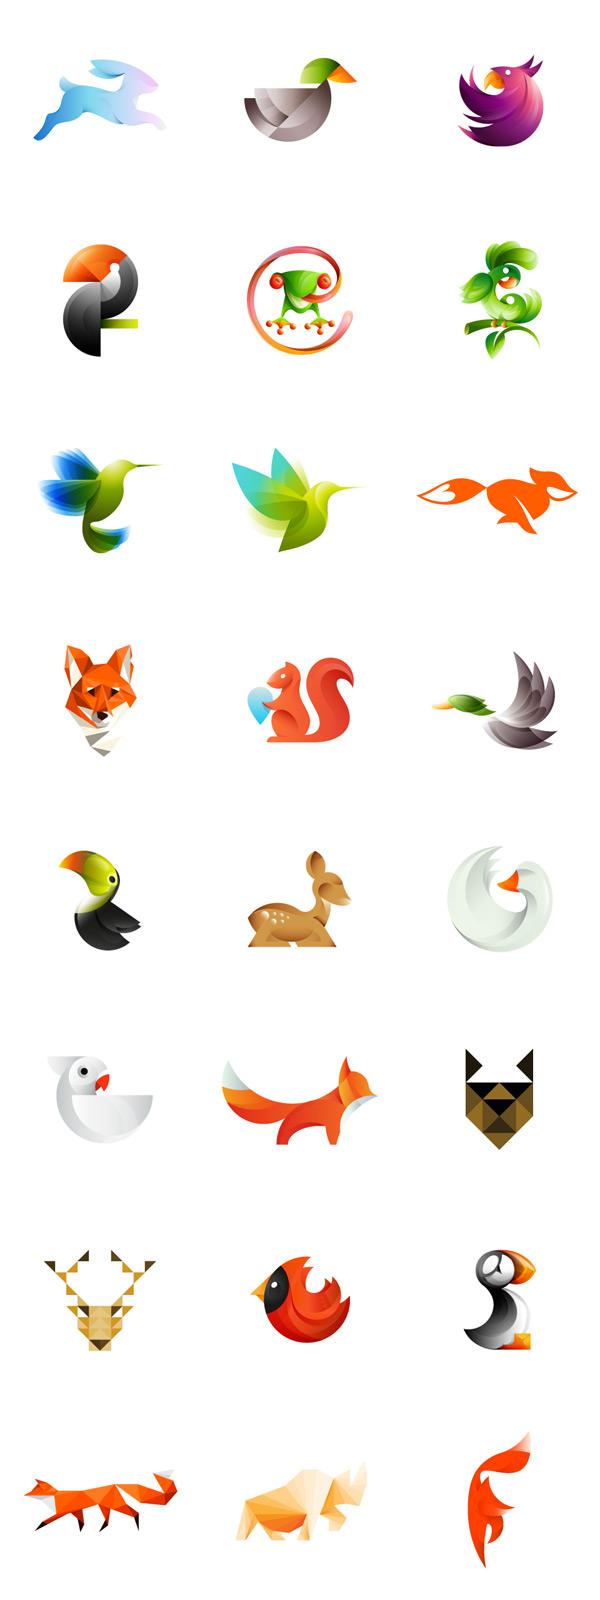 Quando animais viraram logos coloridos (6 pics)